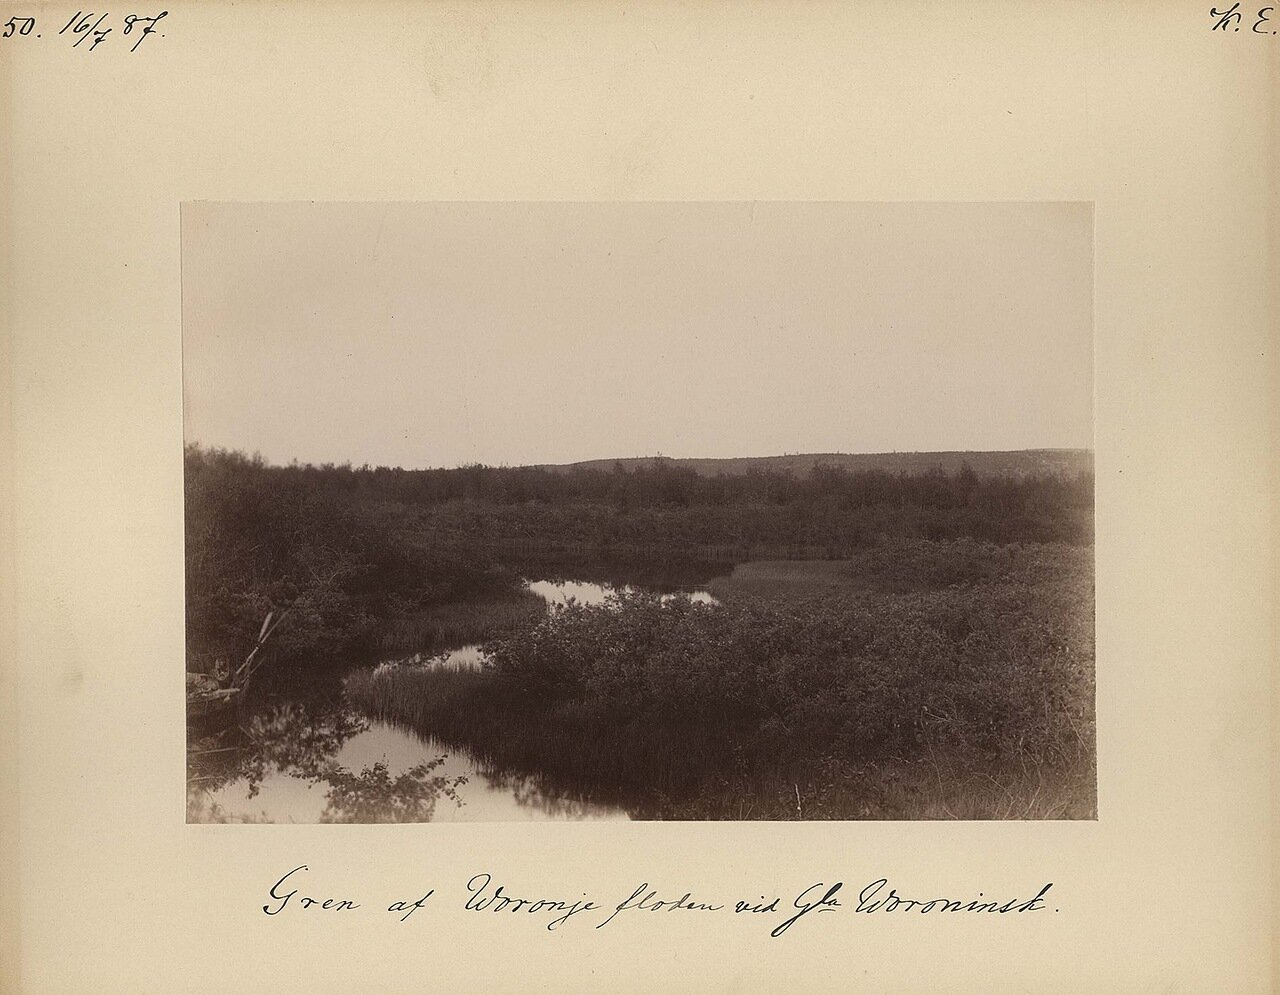 16.7.1887. Озеро Гаврилова, недалеко от притока реки Вороньей близ Воронинска